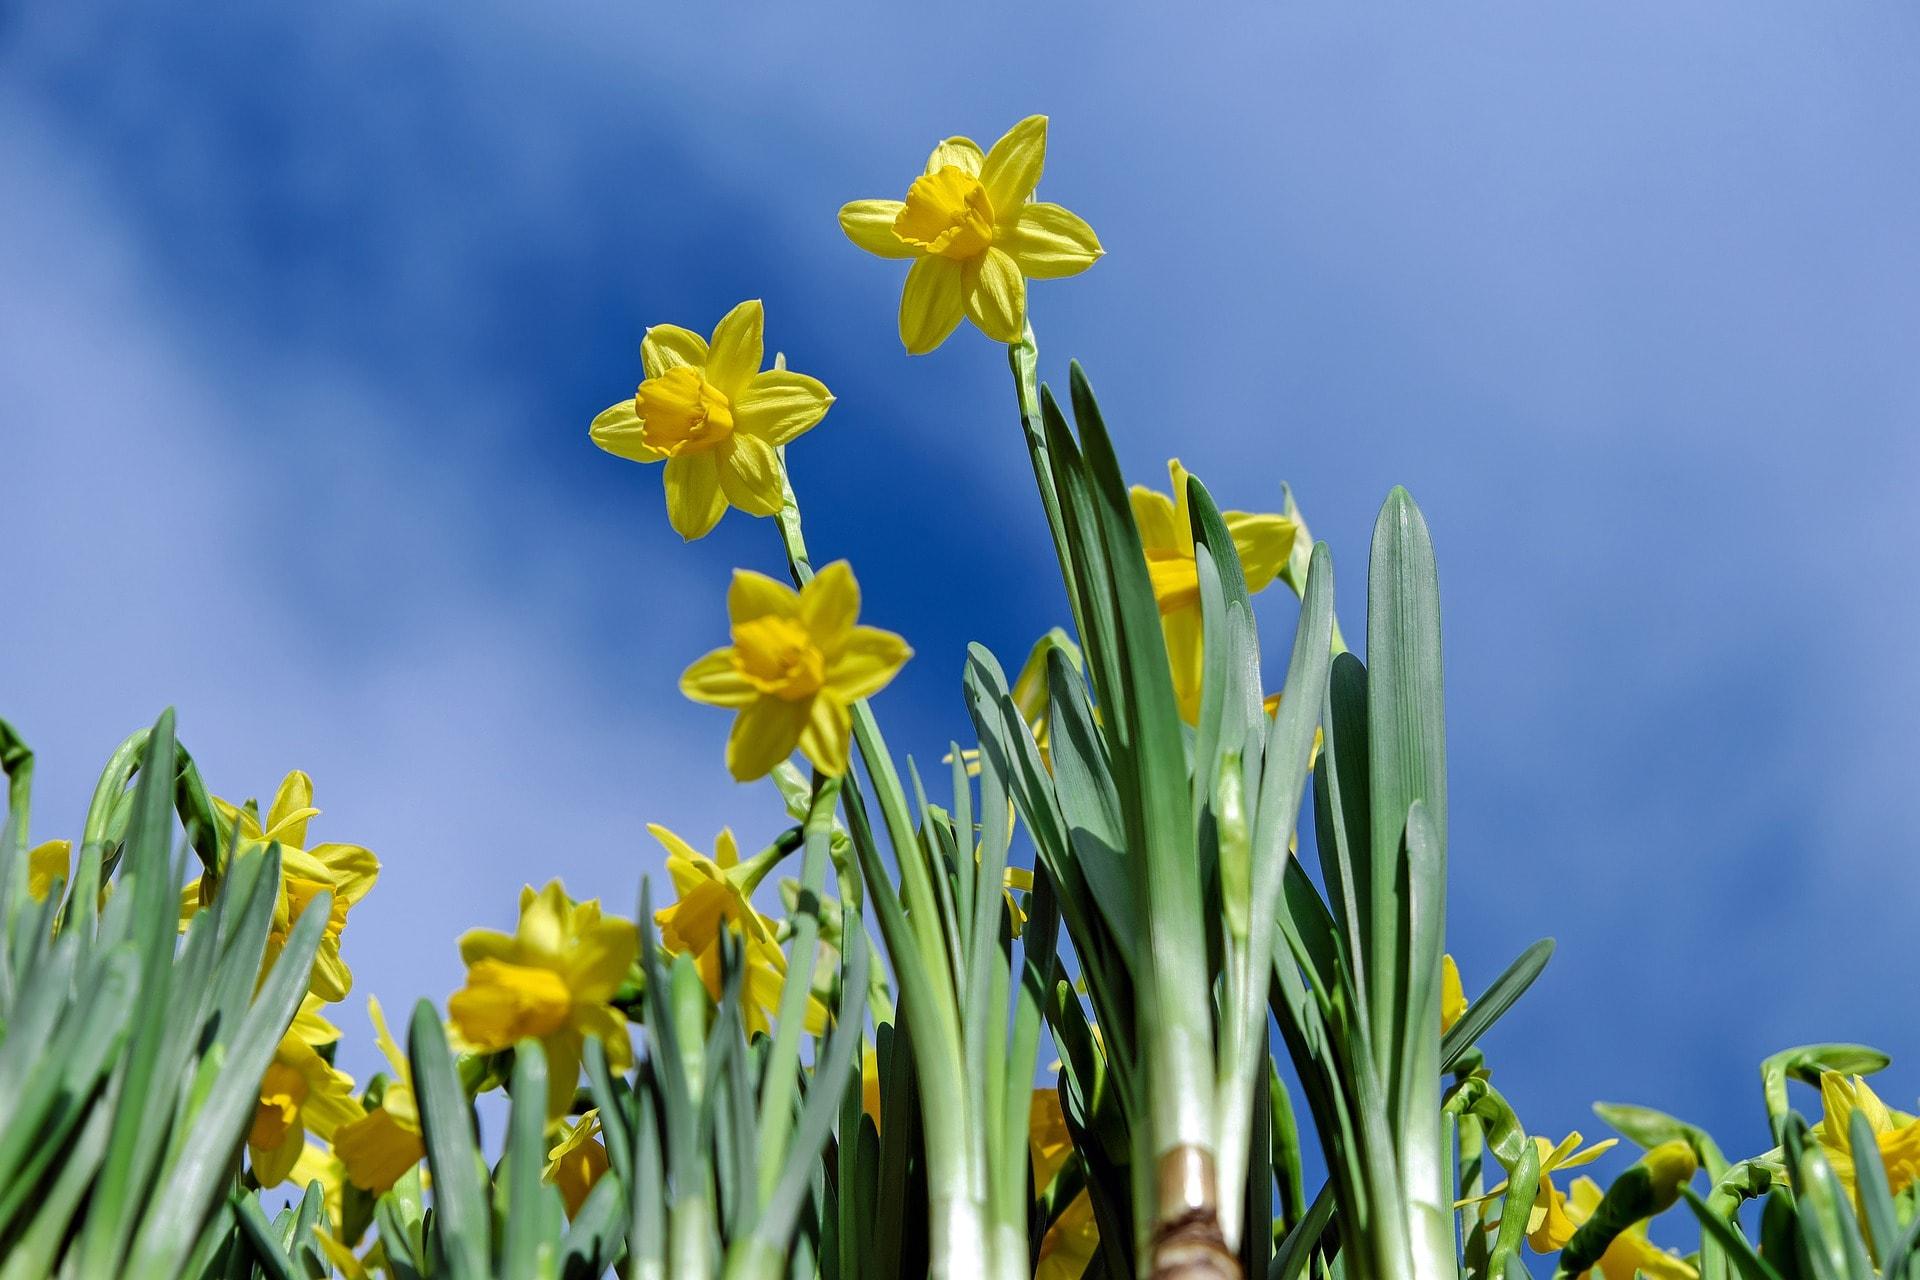 daffodils-2093307_1920-min